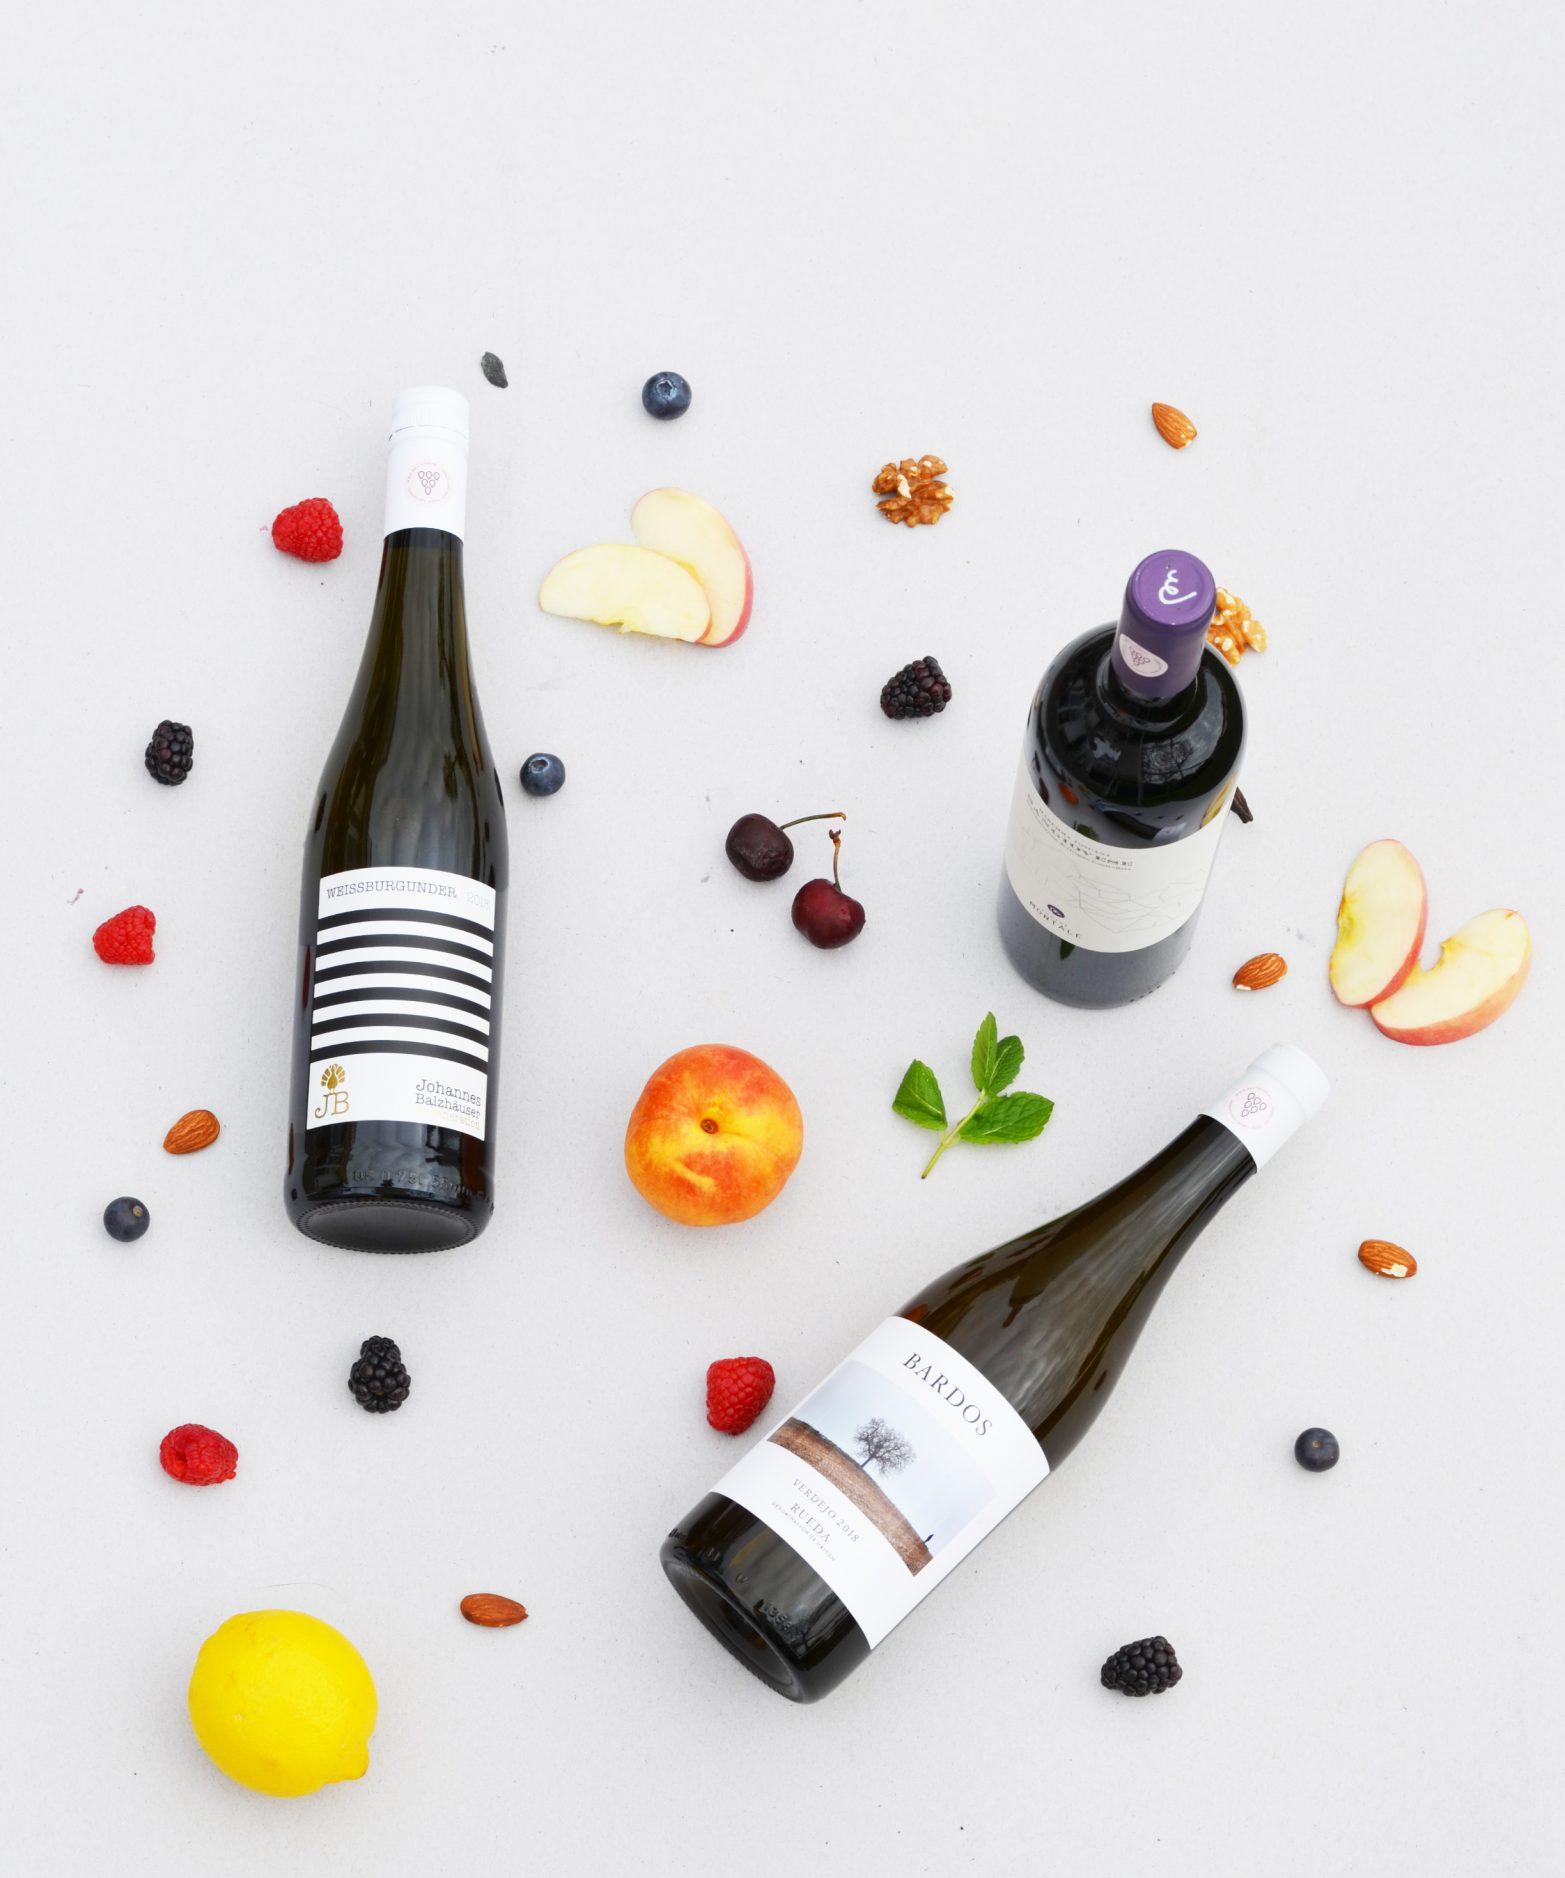 baltazar wijn